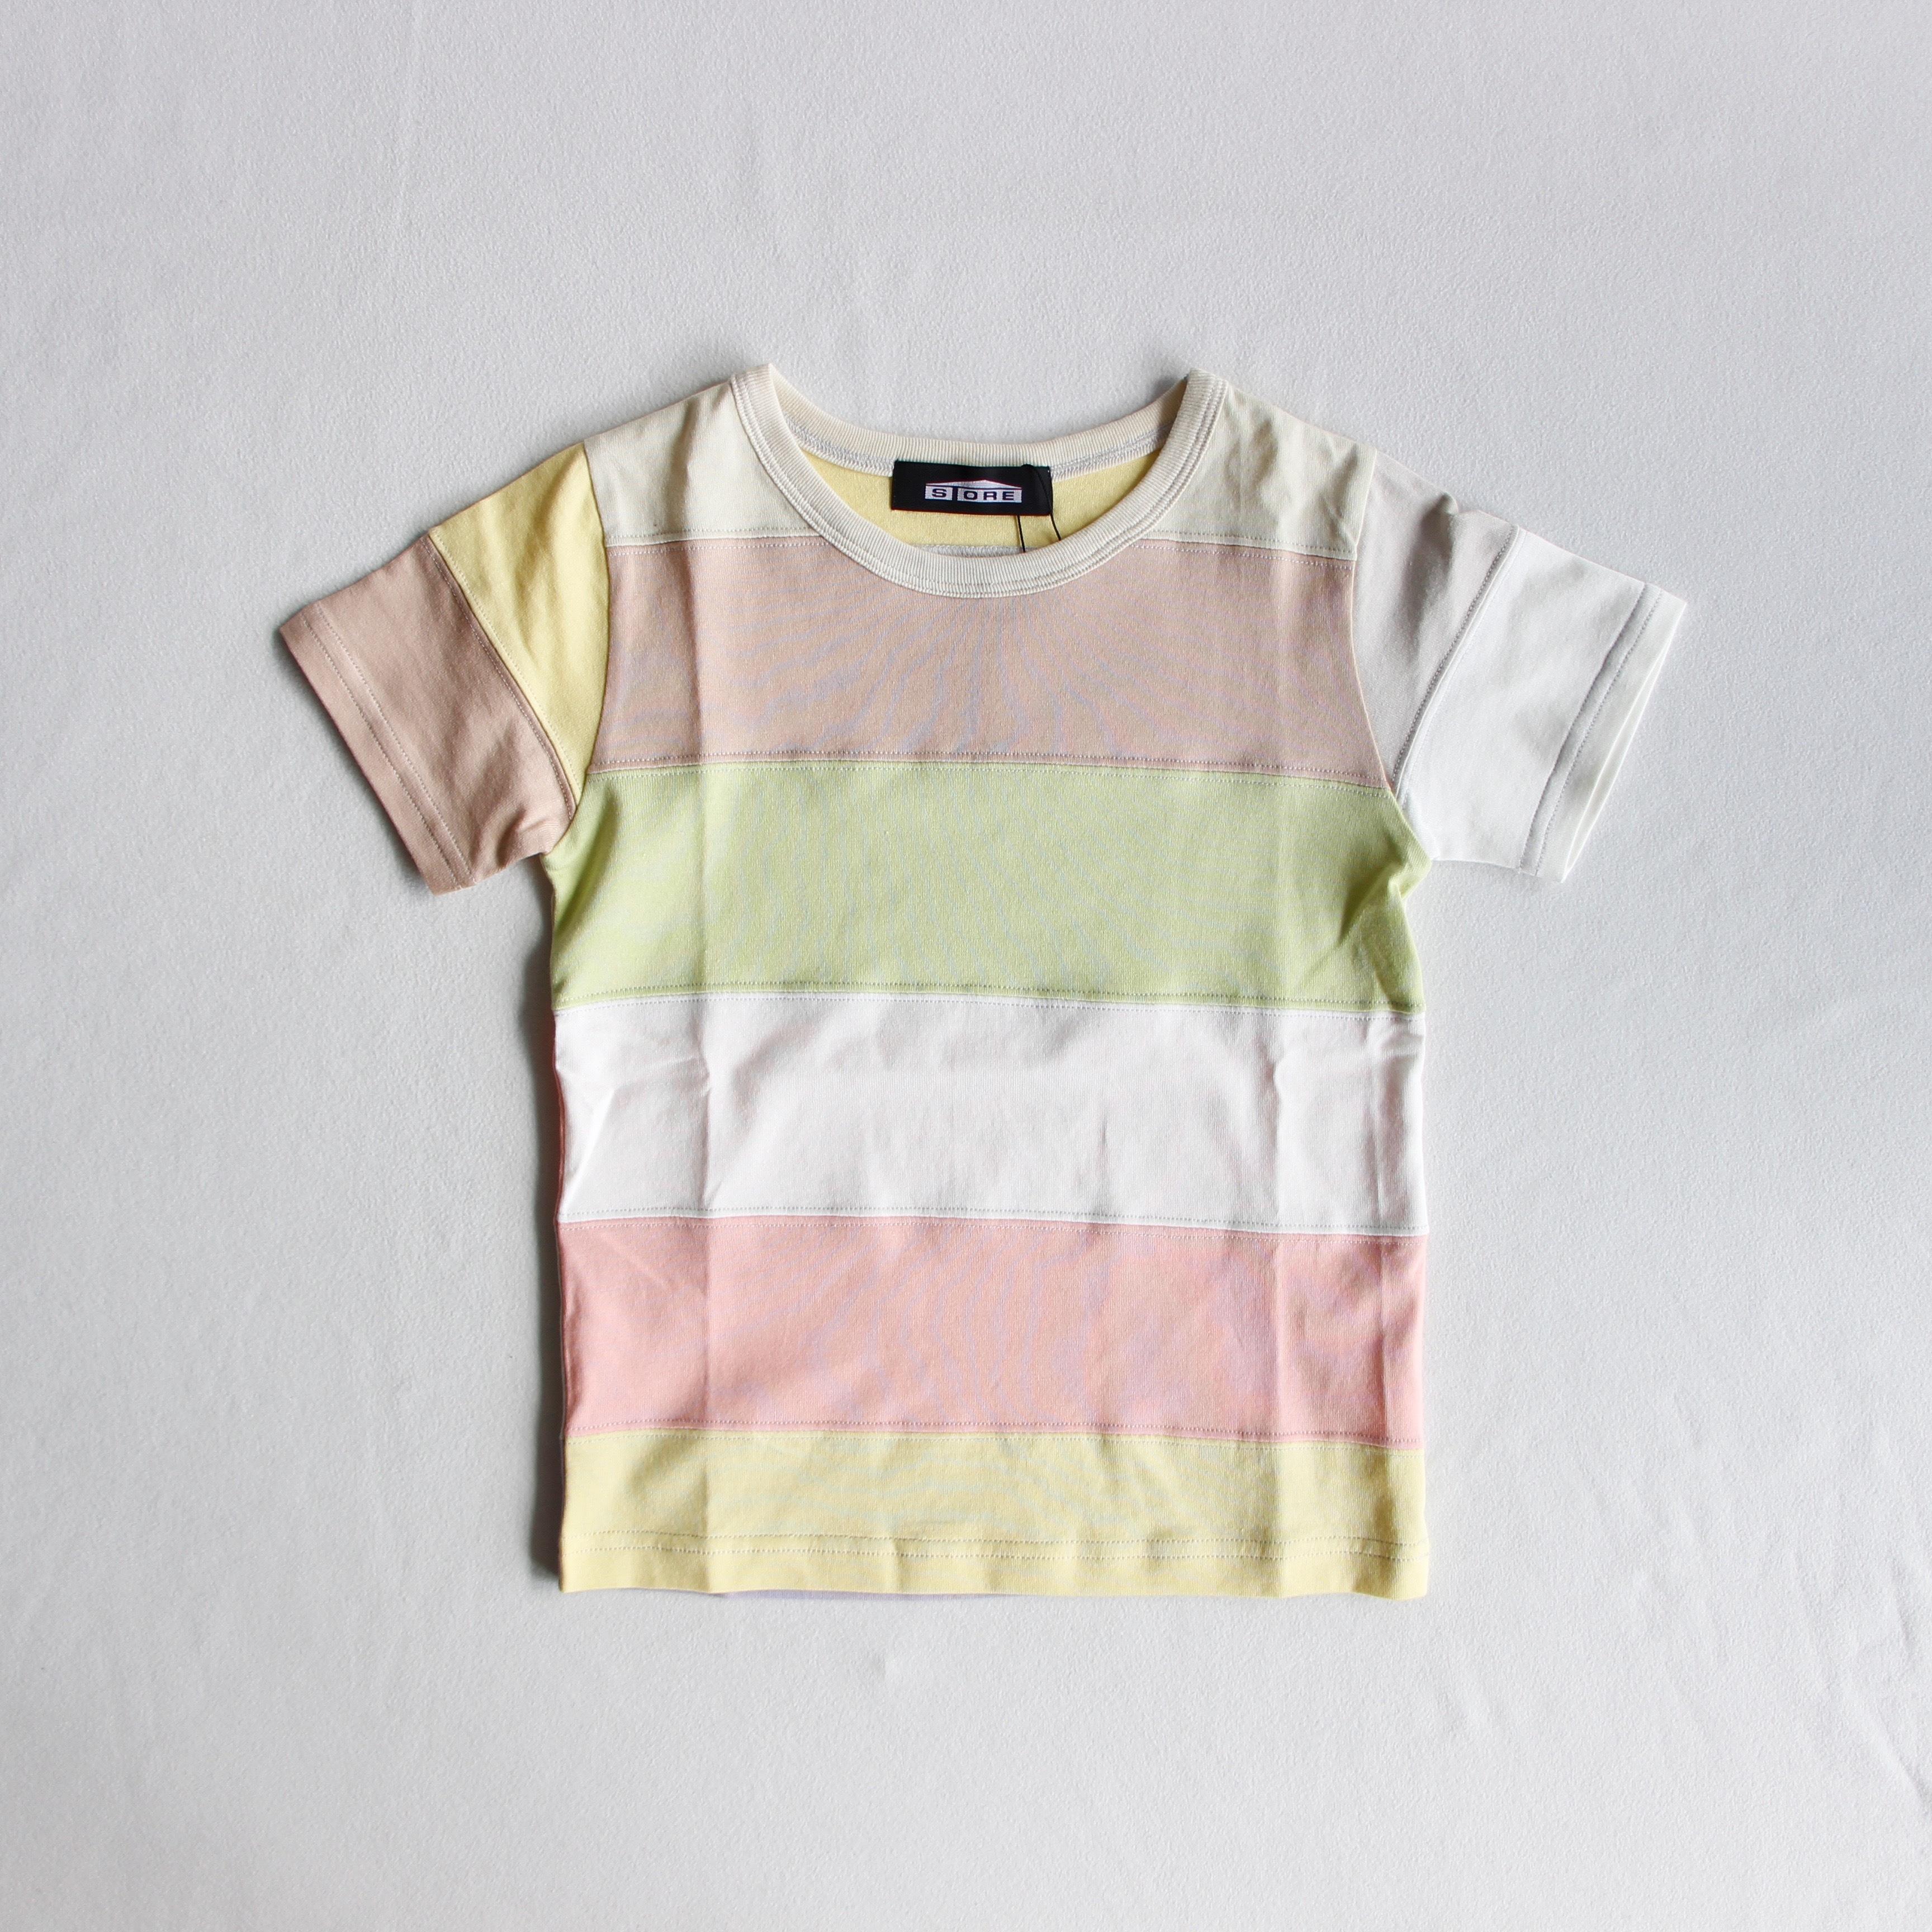 《STORE》ボーダーTシャツ / 120cm